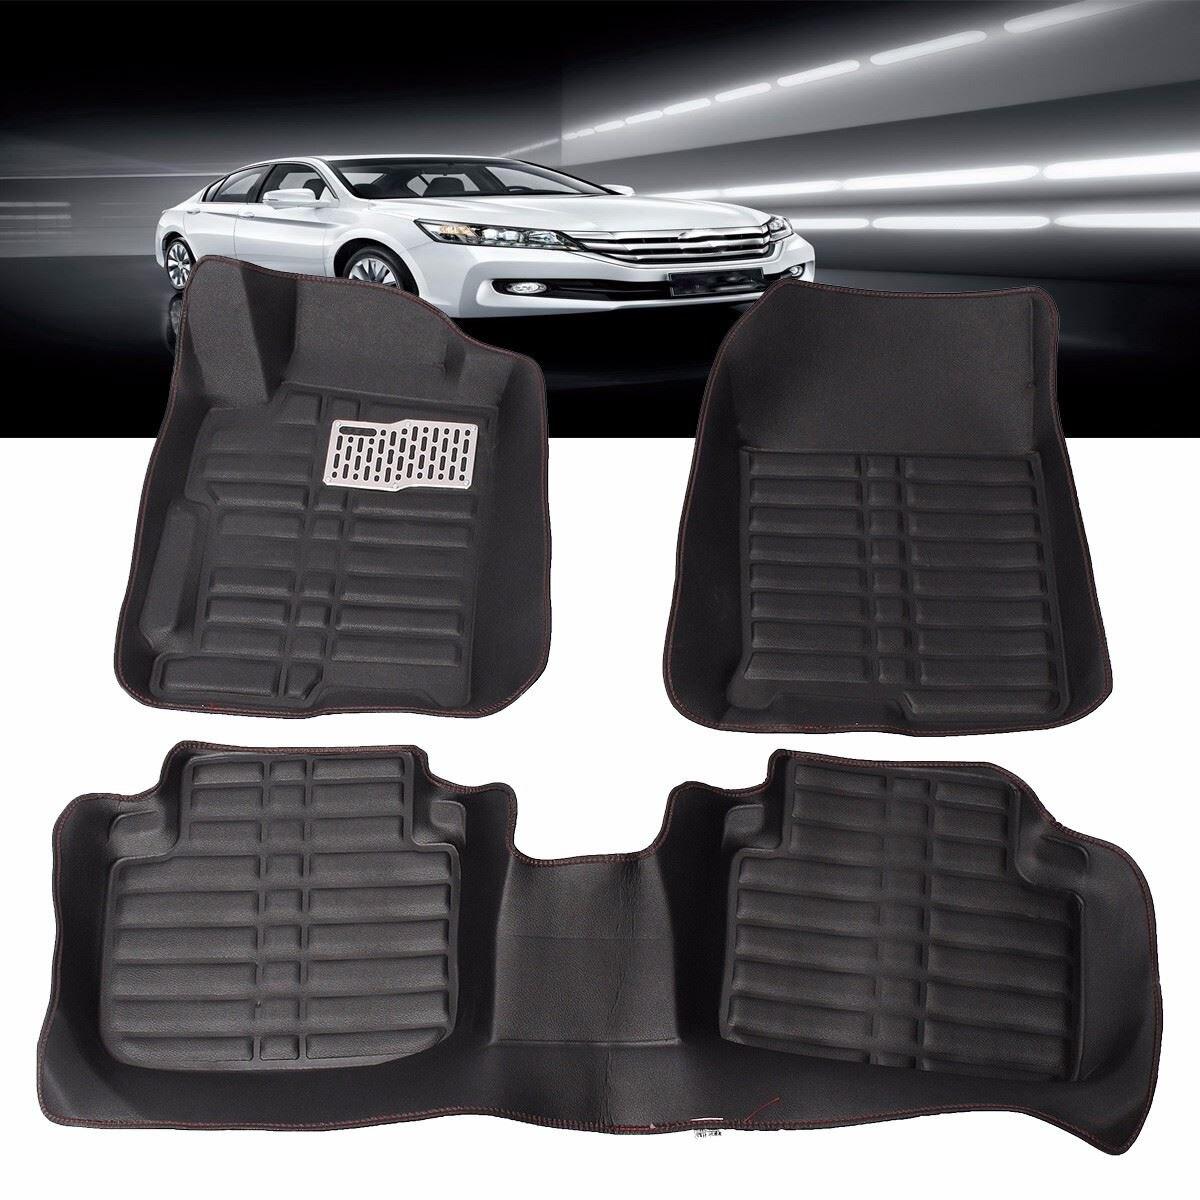 3PCs/Set Car Floor Foot Pad Front & Rear Liner Waterproof Mat Floor Mats Car Styling Carpet For Honda /Accord 2013-2016 colts car floor mat set of 2 nfl